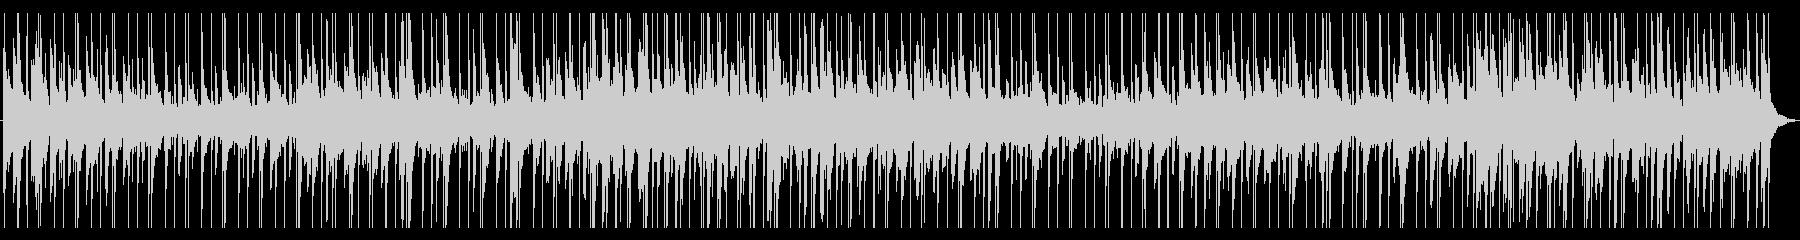 リラックス・作業用チルアウトの未再生の波形